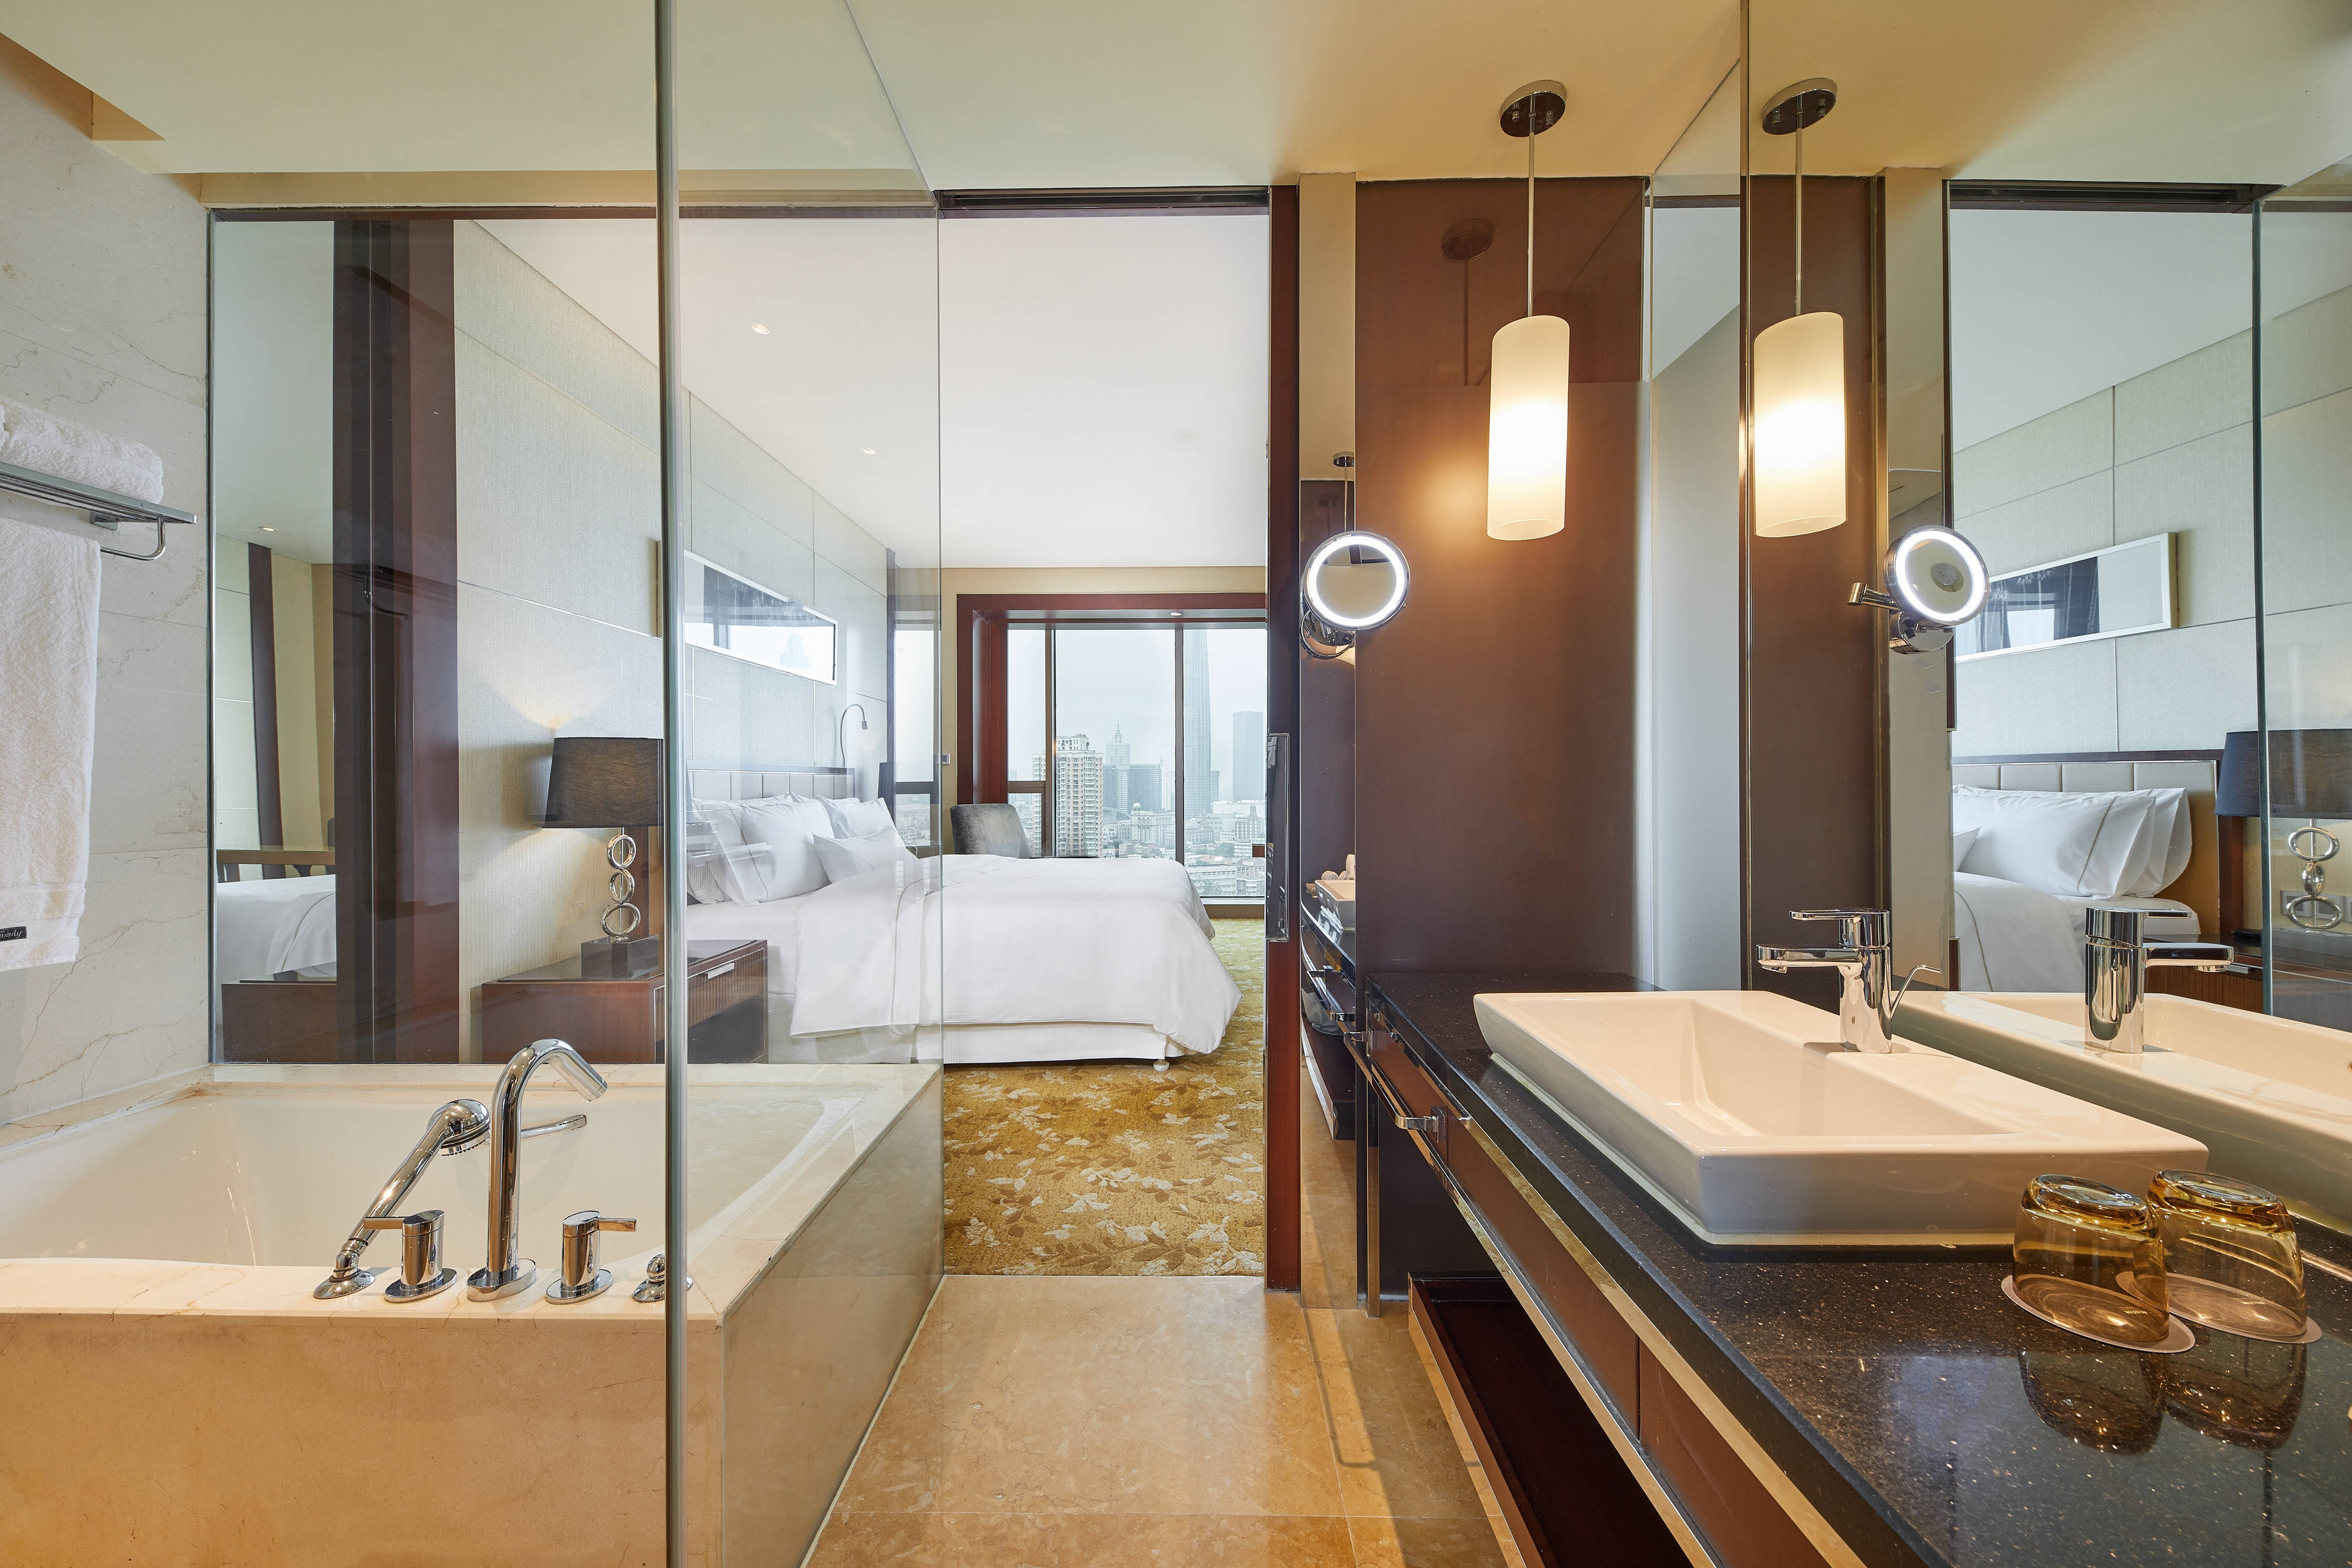 Westin Zimmer mit Kingsize-Bett - Gästebadezimmer